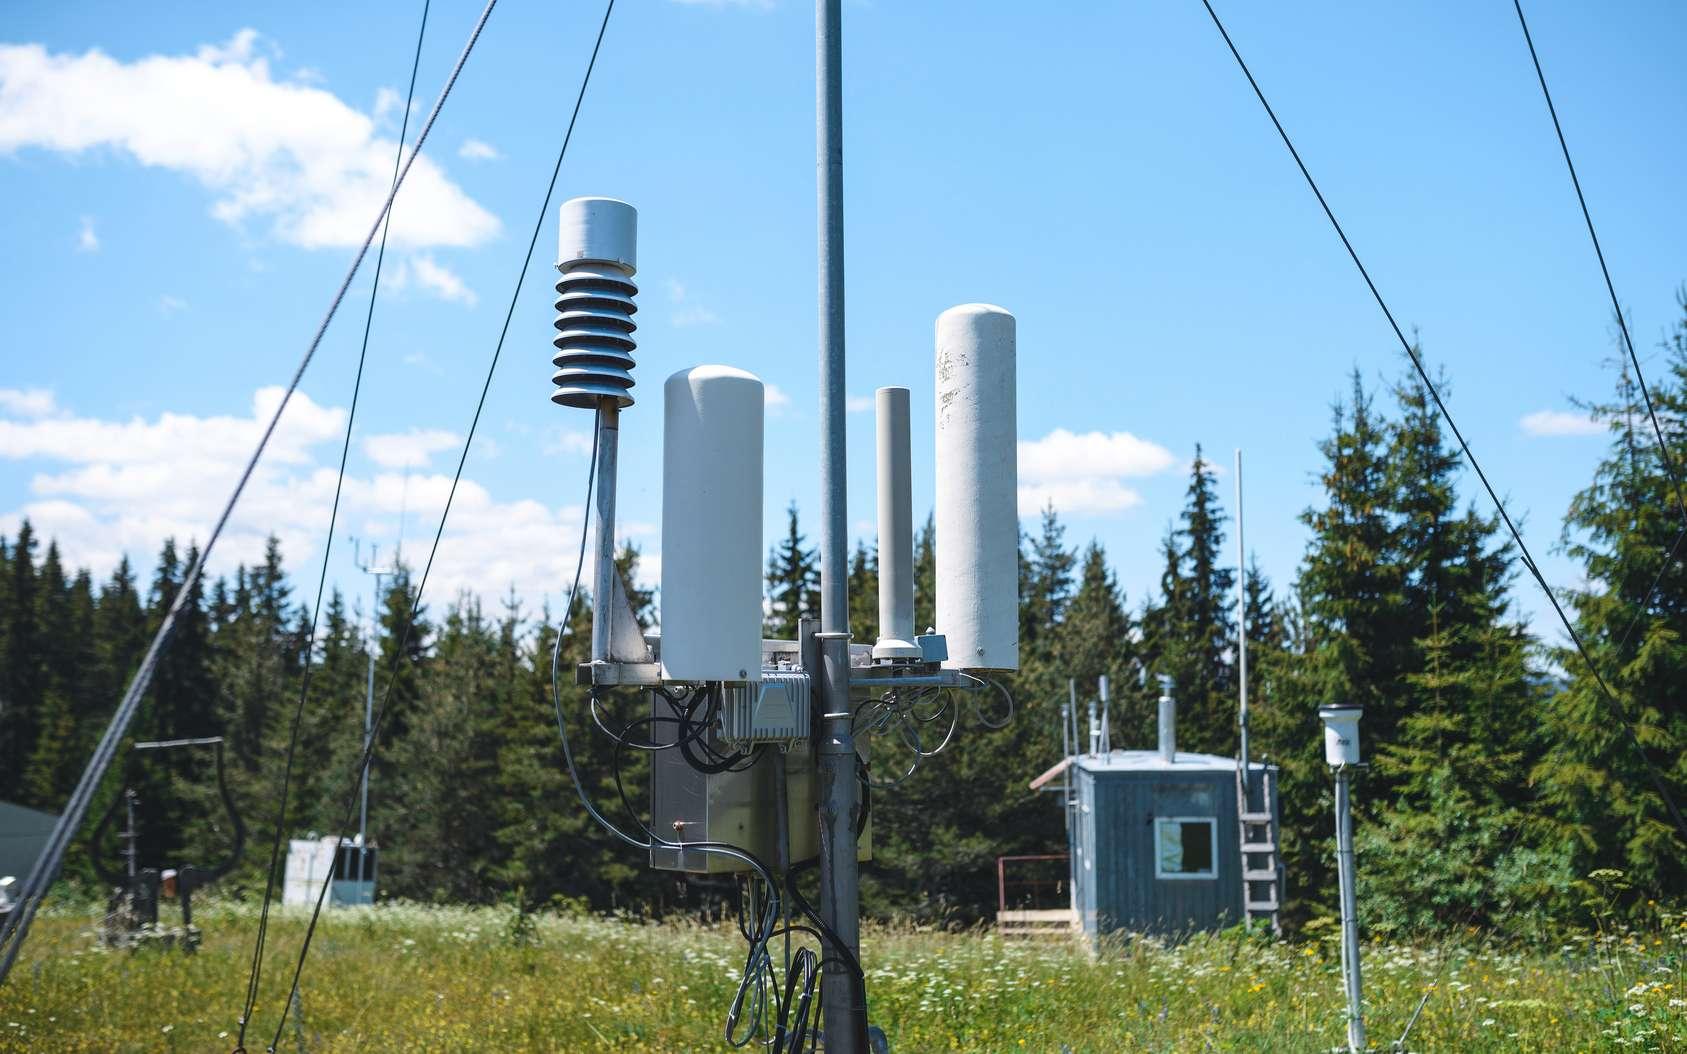 Travaillant généralement pour une station météo, le météorologue s'aide de multiples outils de calcul et de mesure pour analyser et étudier les données atmosphériques. © photographmd, Fotolia.